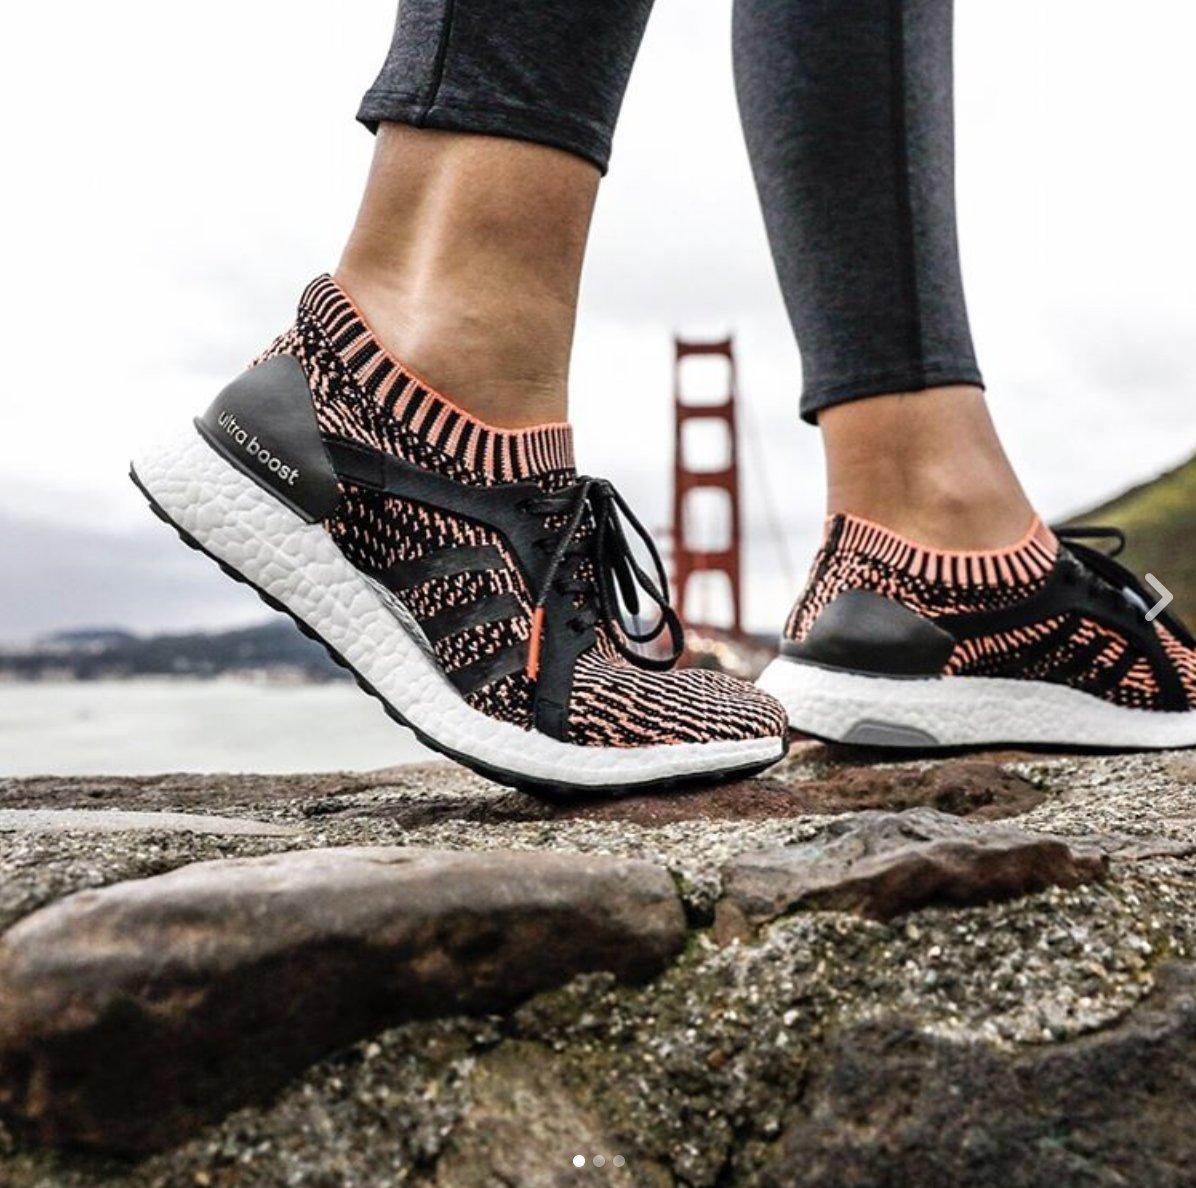 Queste 2017 Un Running Scarpe Sono Perché Boost Fake Ultra Adidas Da wqHpIE1I